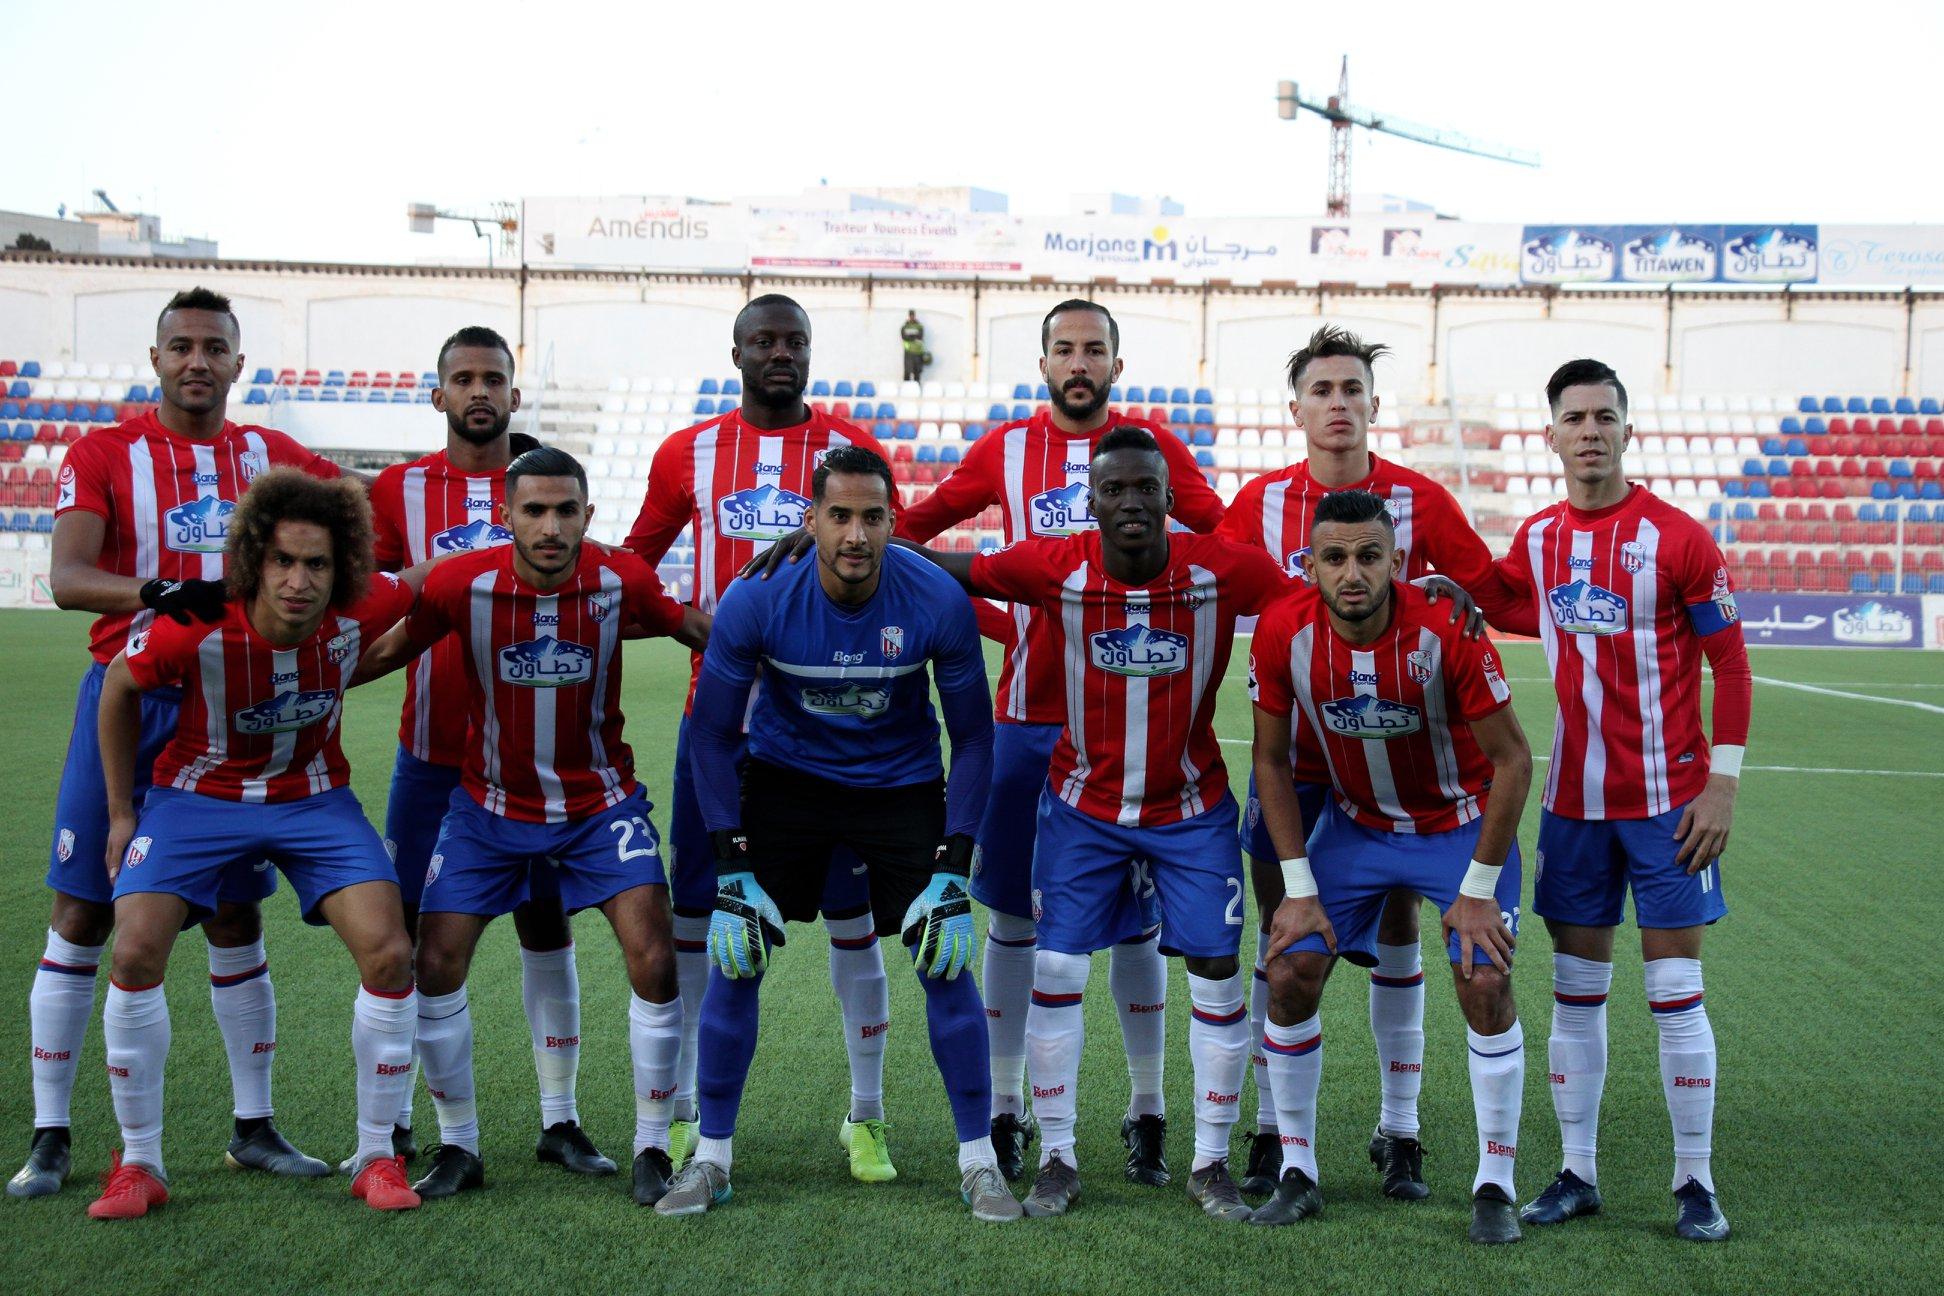 المغرب التطواني يكذب خبر إنتقال نجمه لإحدى الأندية الوطنية